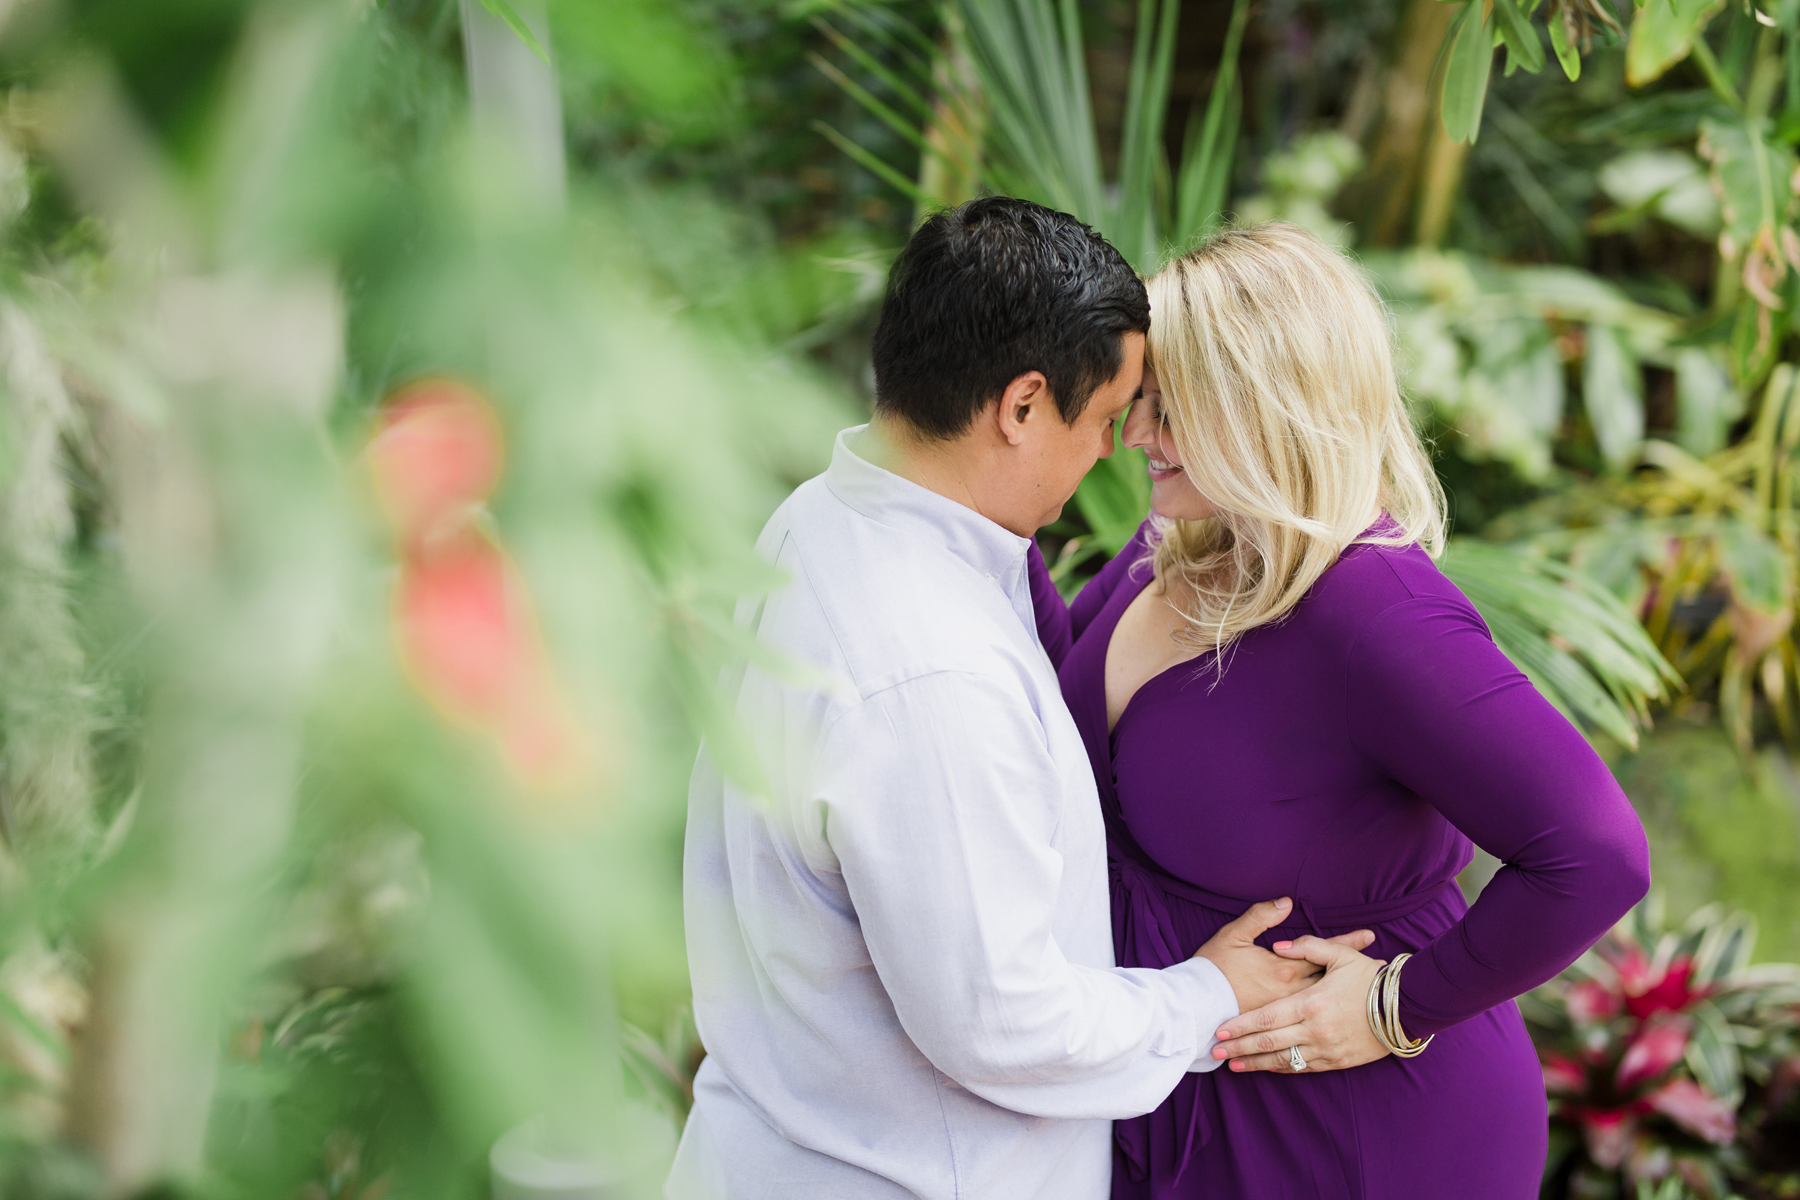 Top_Maternity_Photographer_Oklahoma_Myriad_Gardens.jpg